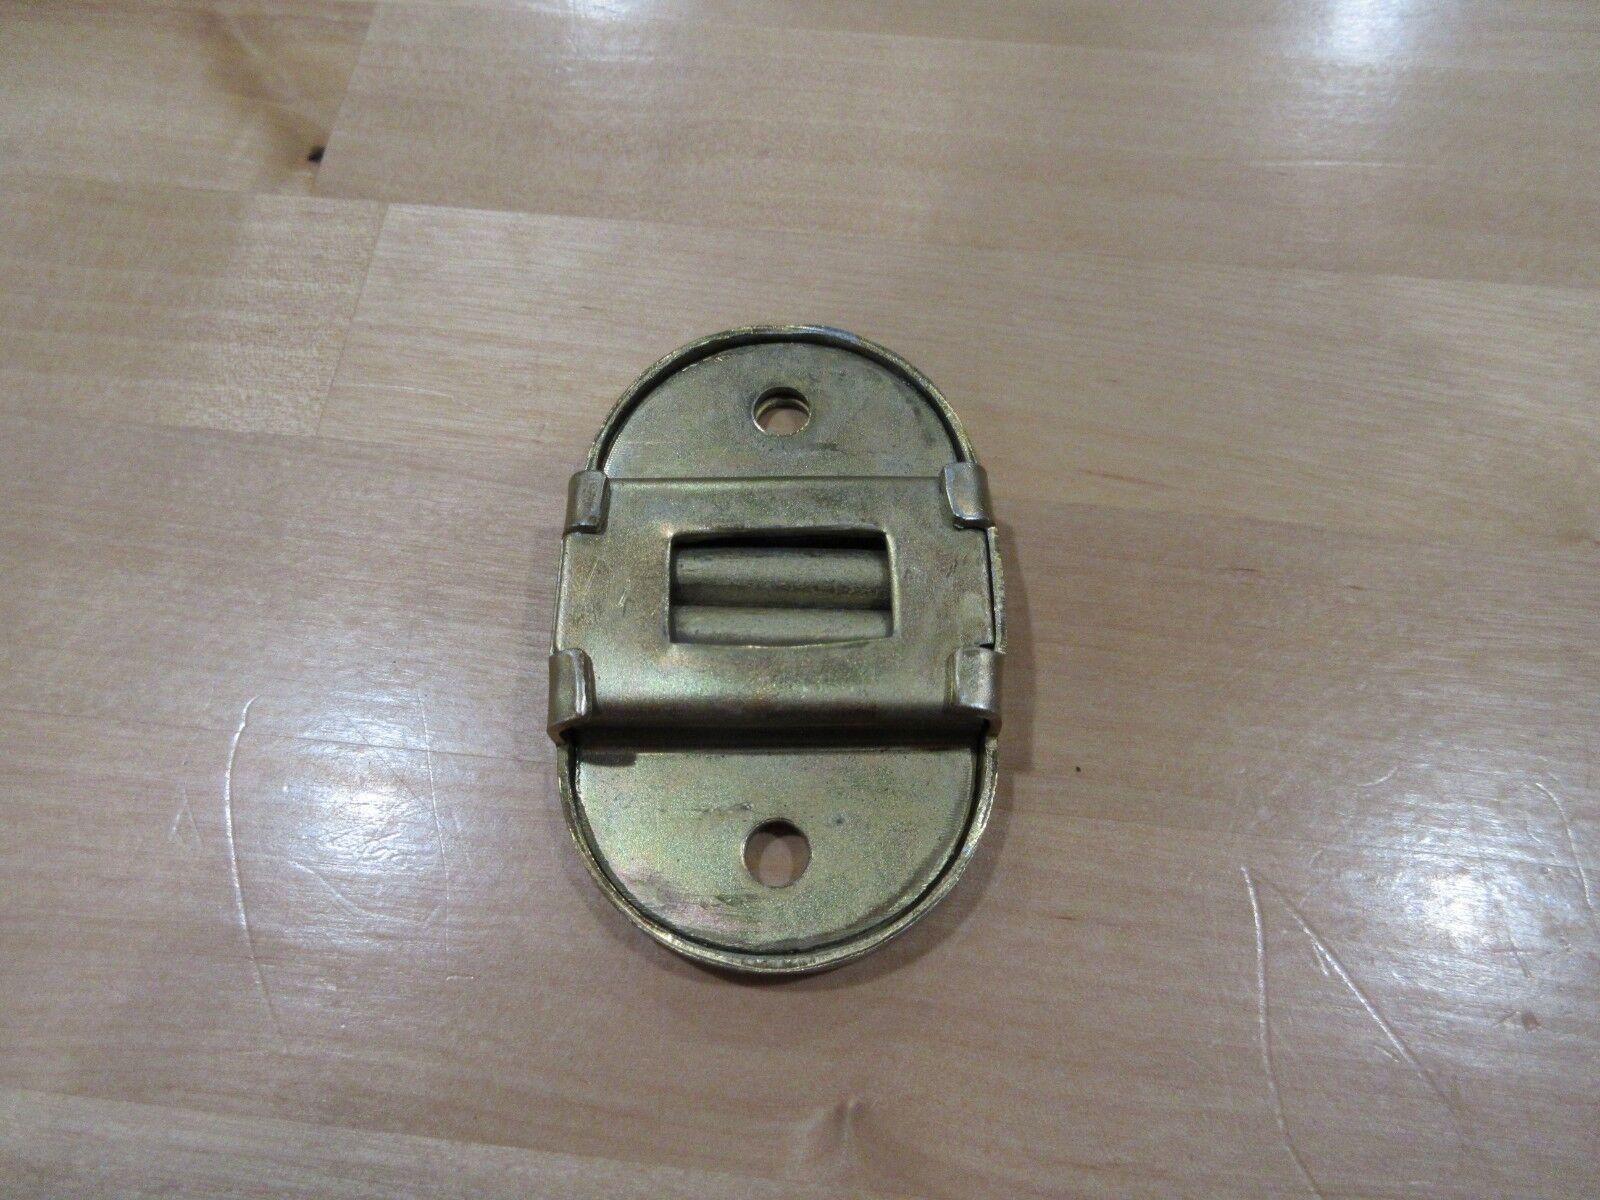 CJ2A CJ3A CJ3B REAR SEAT CATCH LEG LOCK ASSEMBLY LATCH WILLYS WAGON JEEP CPR102